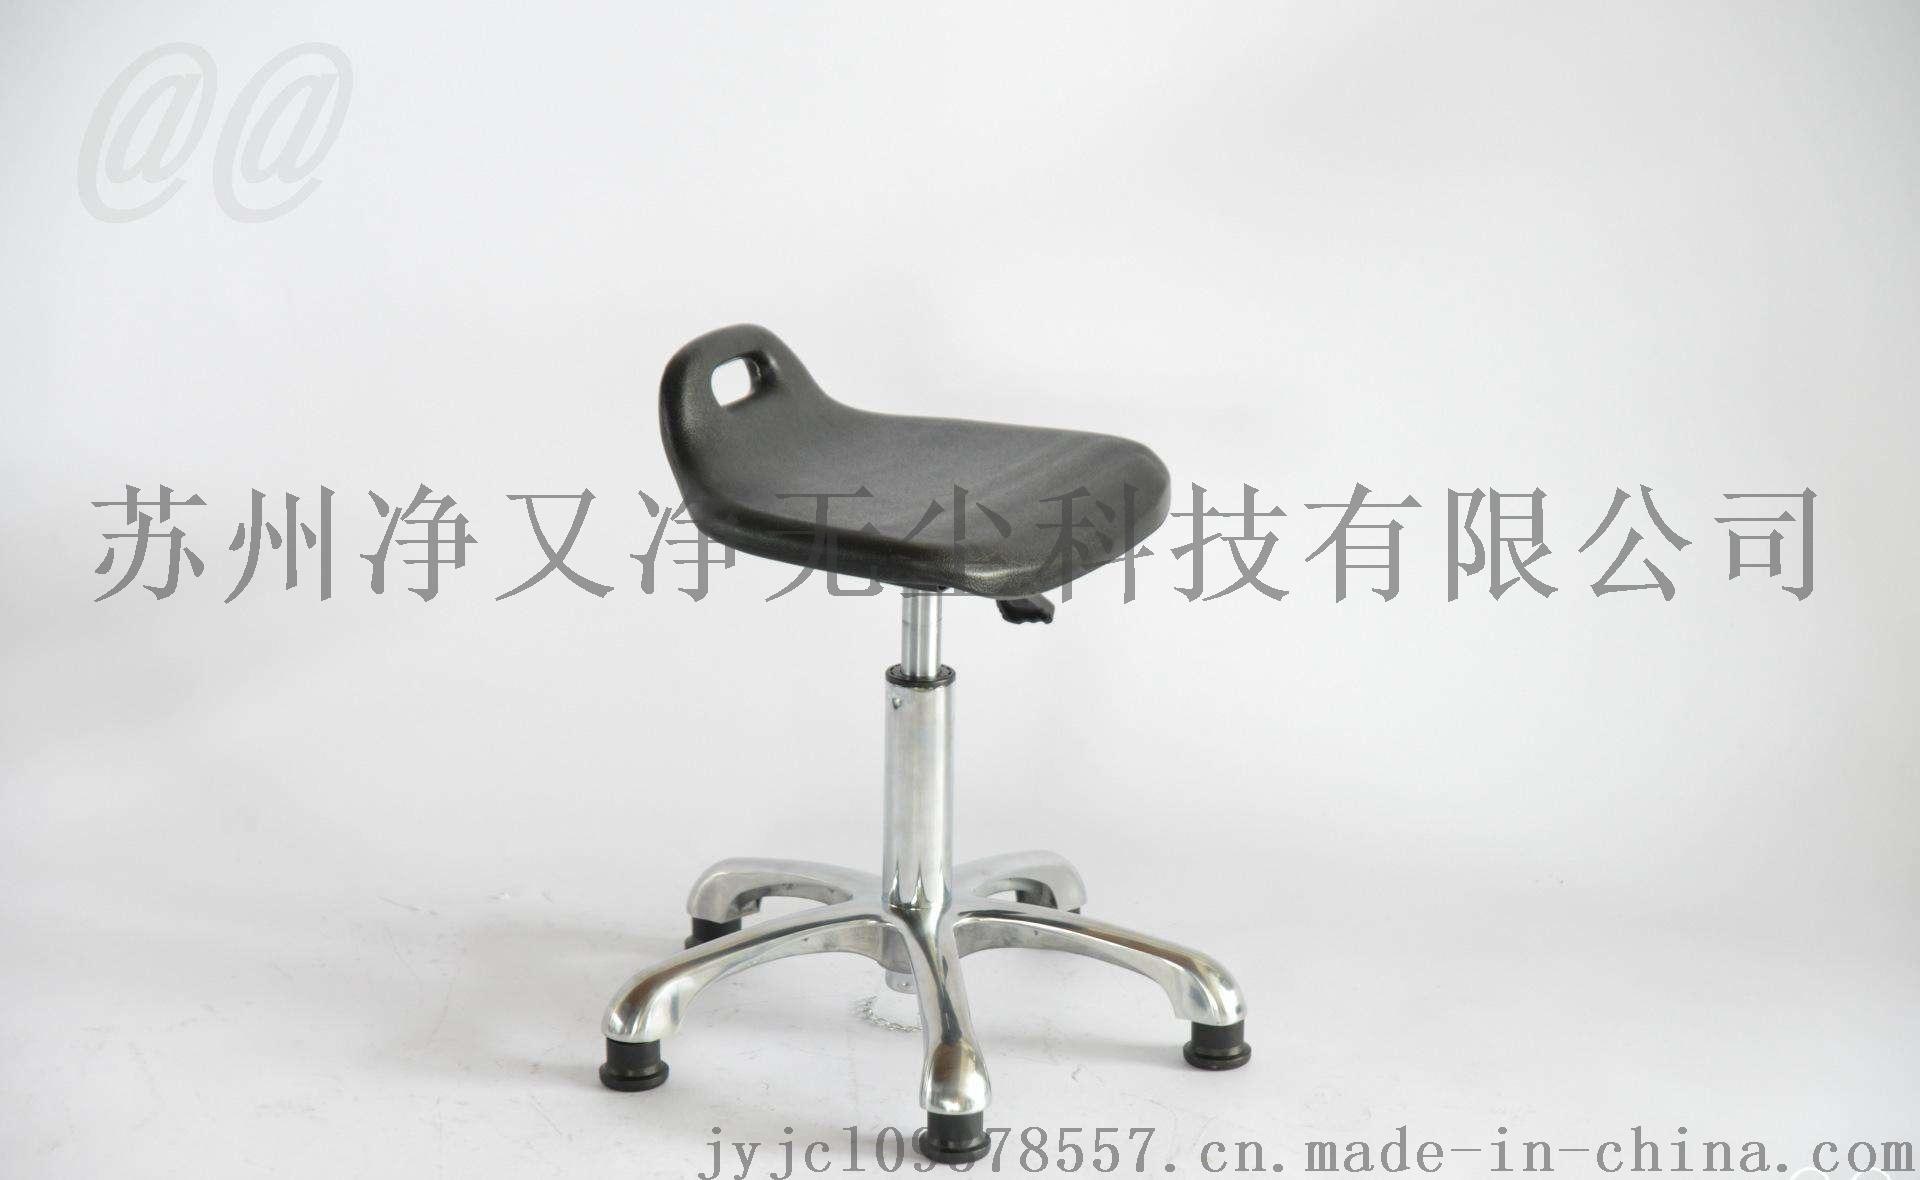 防静电椅子 厂家直销防静电椅靠背实验室椅子777950505